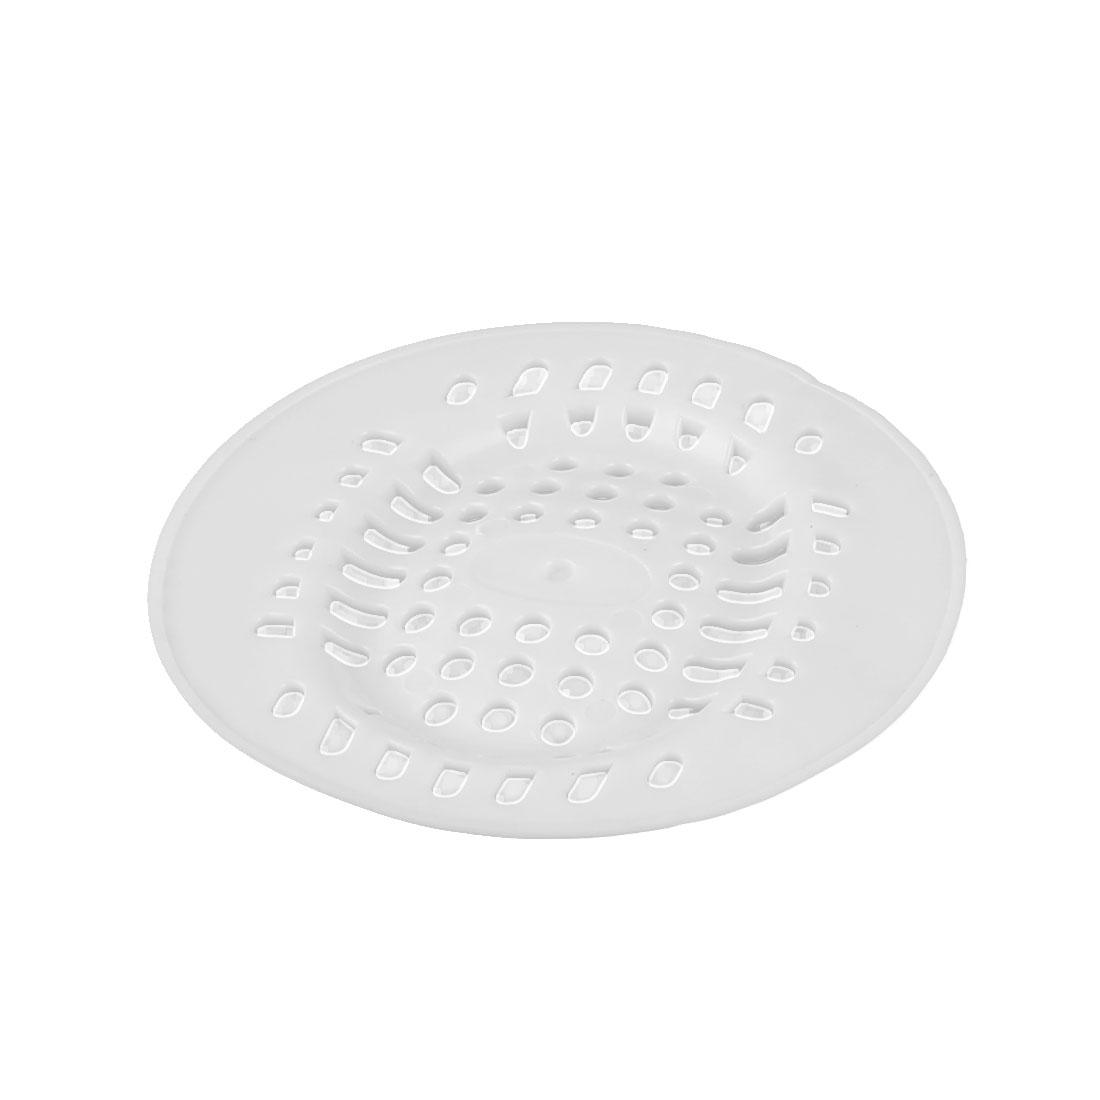 Bath Shower Kitchen Waste Hair Resin Rubber Strainer Drain Filter Stopper Catcher